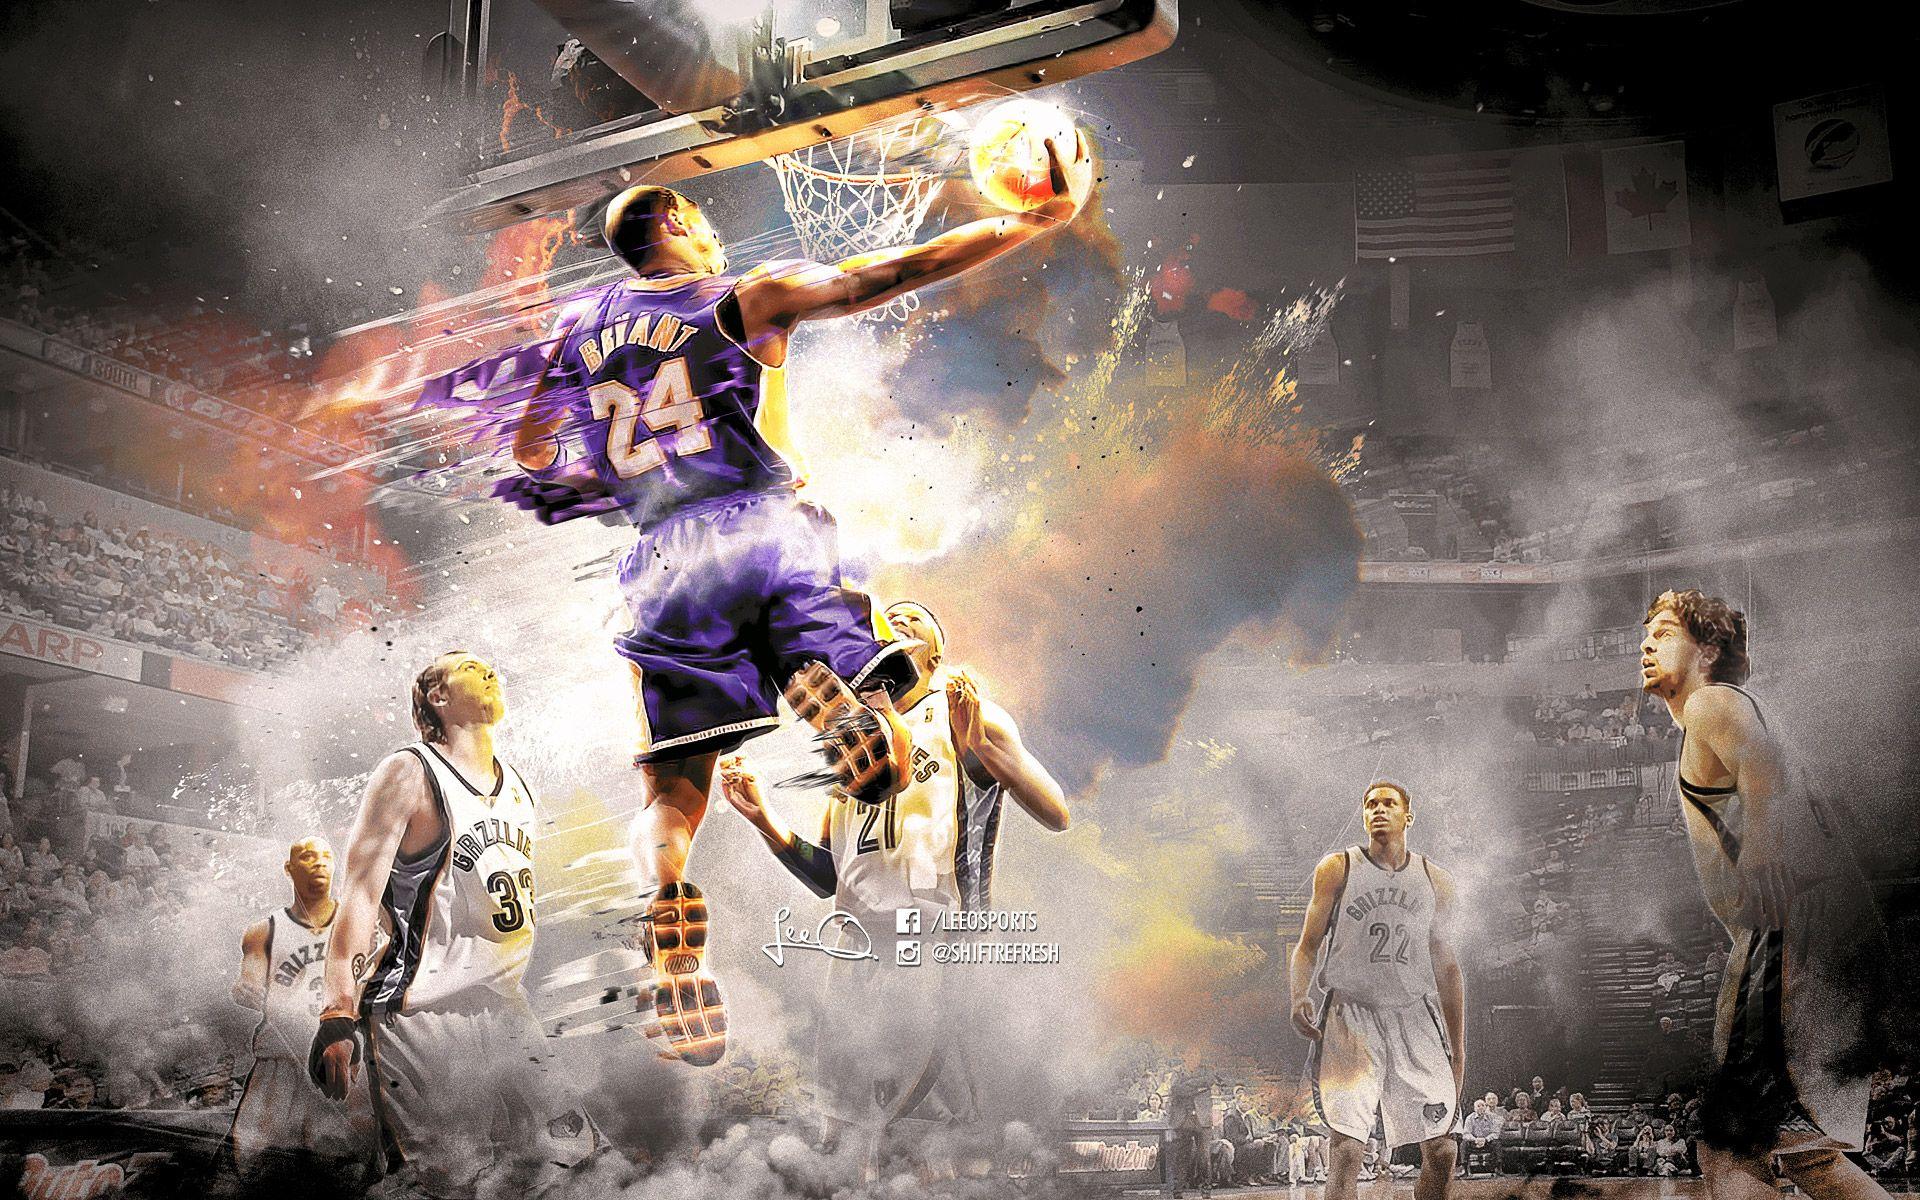 Kobe Bryant Wallpapers Basketball Wallpapers at Kobe